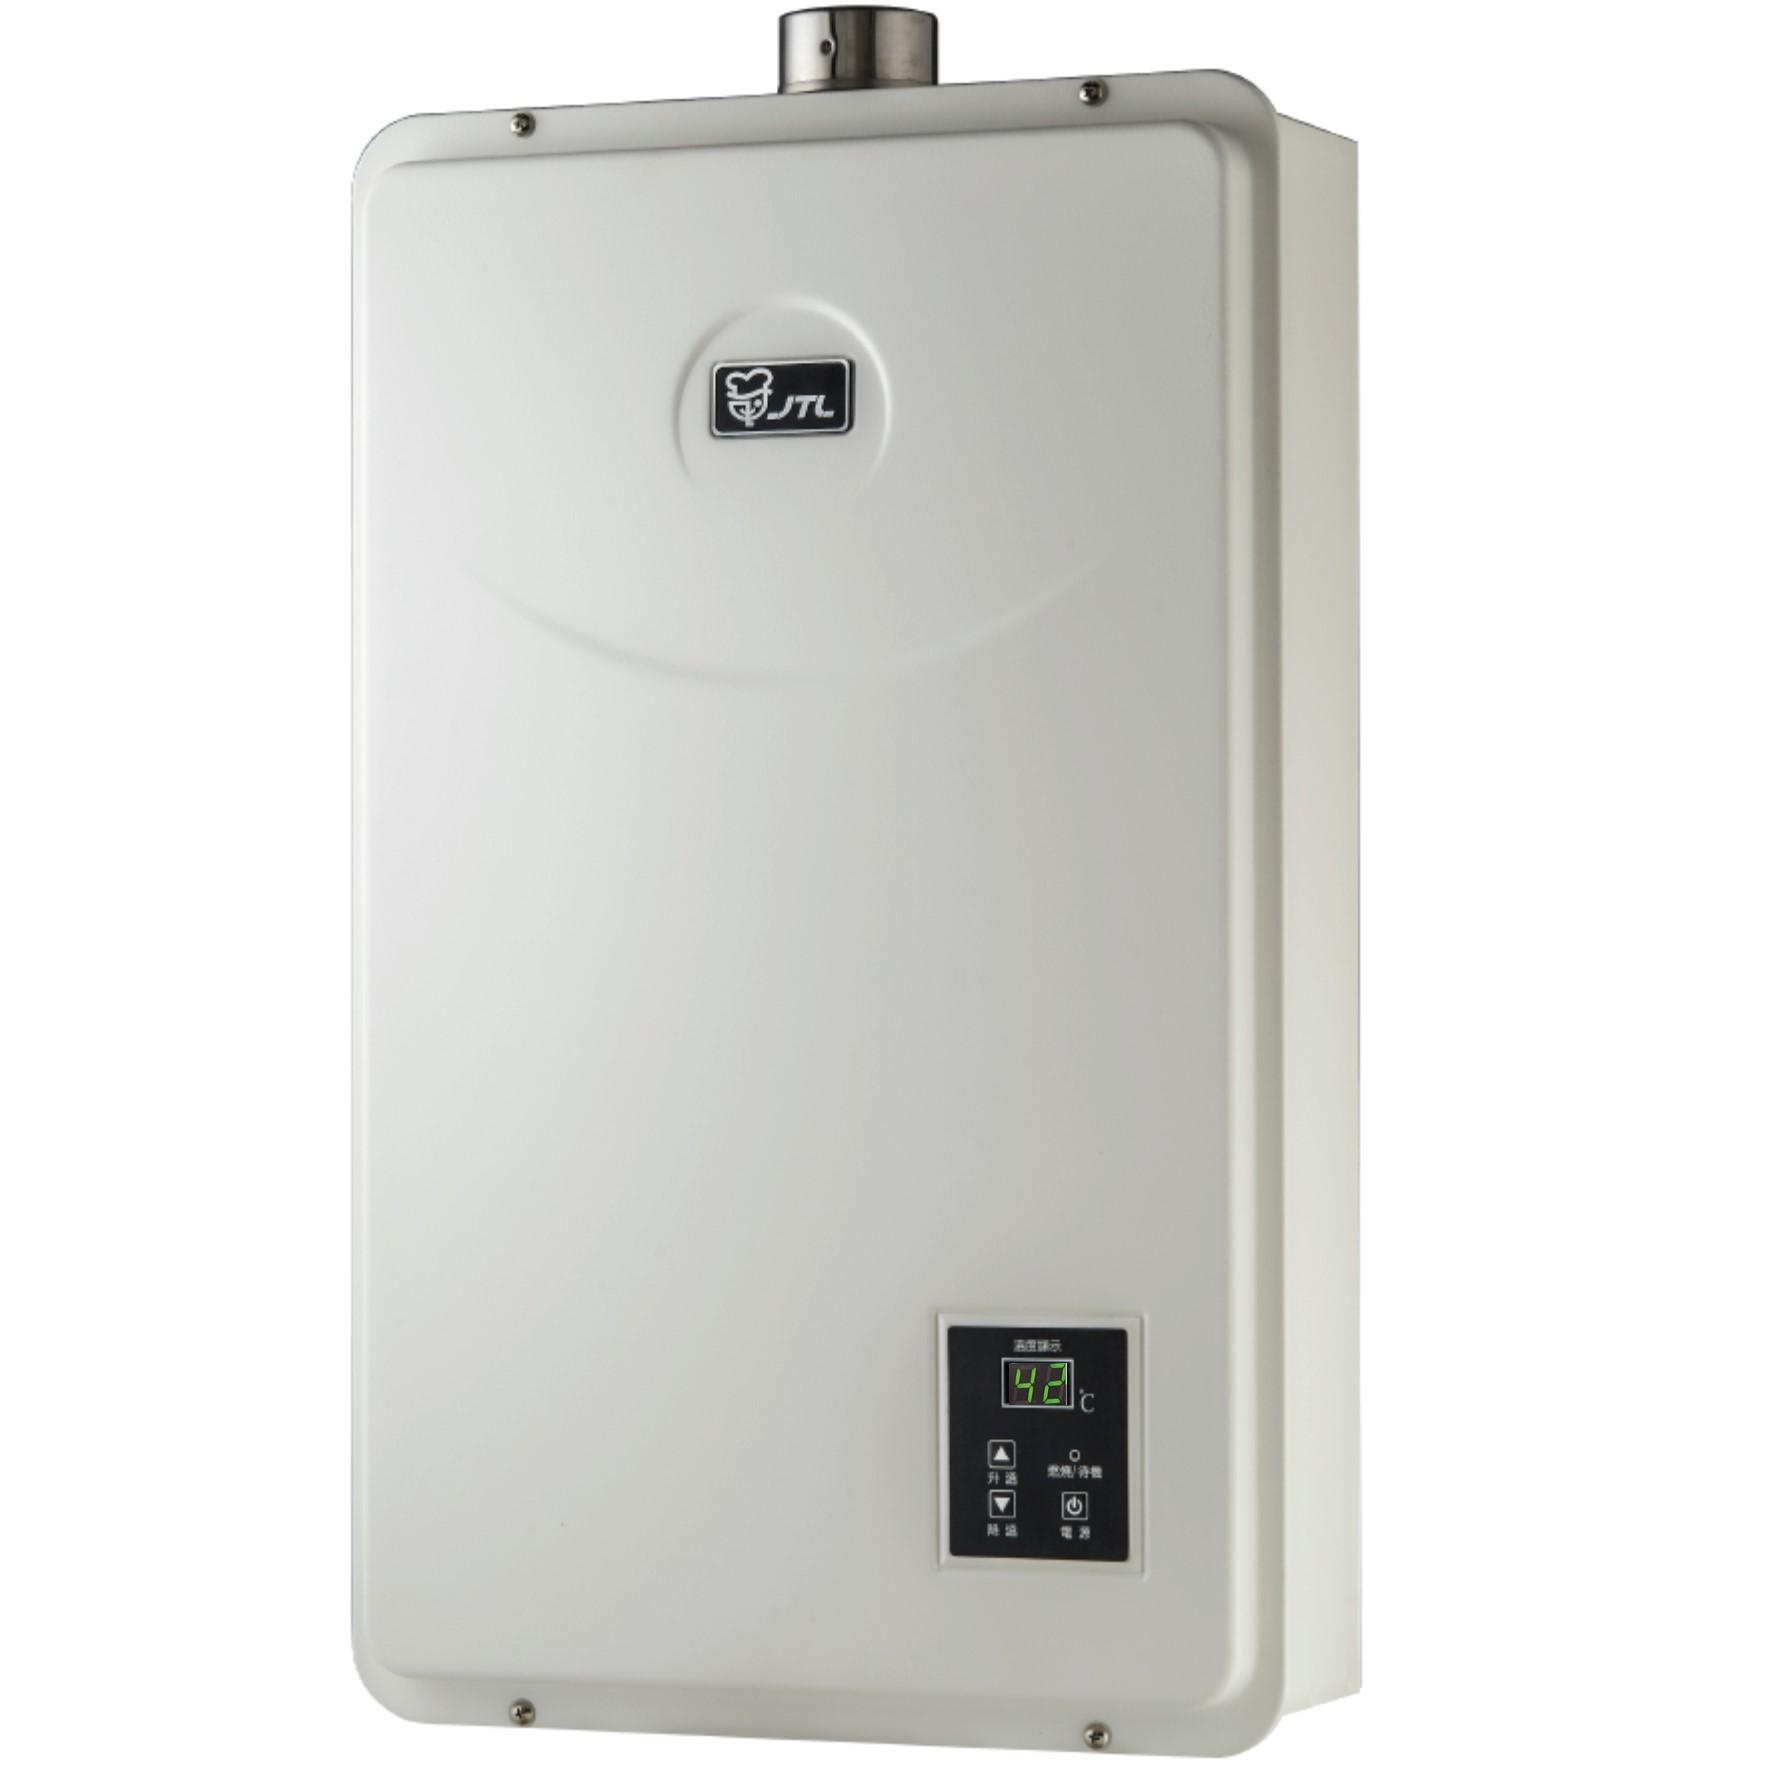 數位恆慍熱水器(16L/13L)(限定通路)